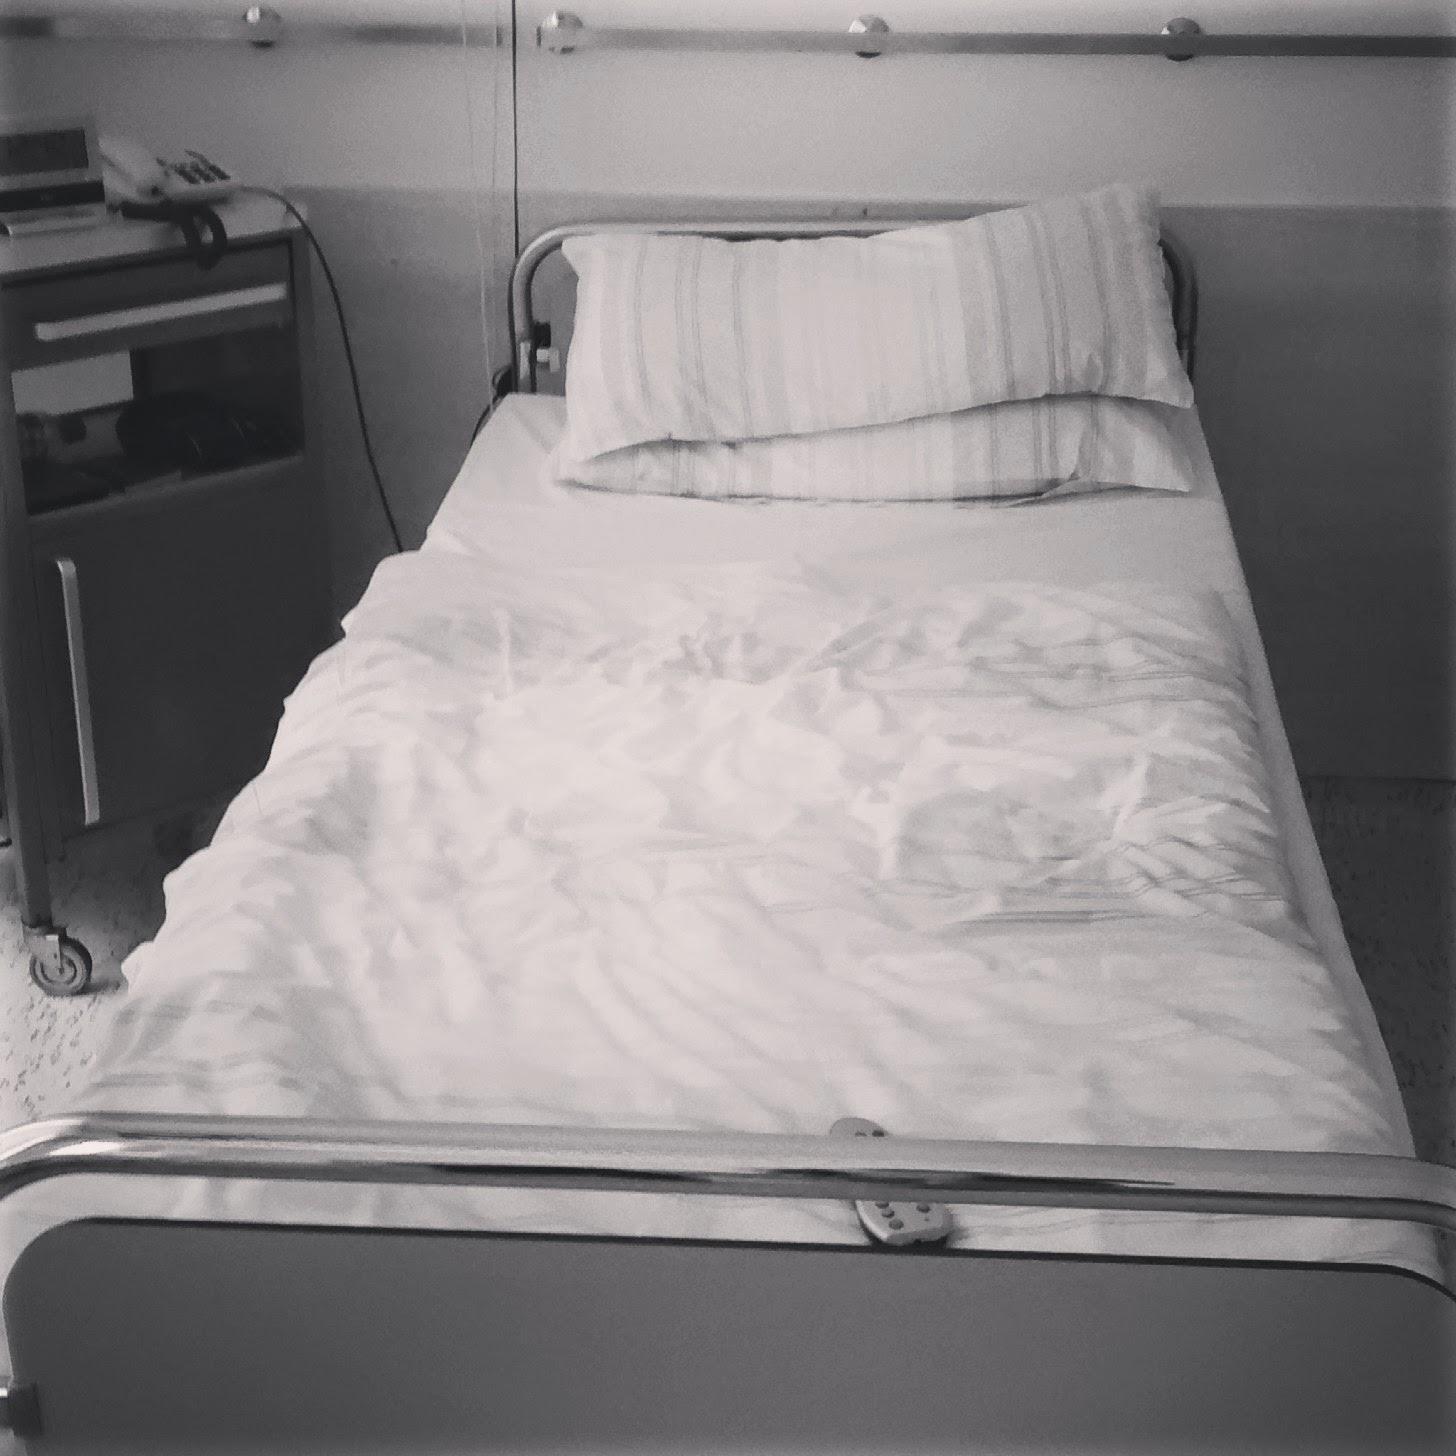 tobi 39 s skoliose operation in der klinik tag 1. Black Bedroom Furniture Sets. Home Design Ideas